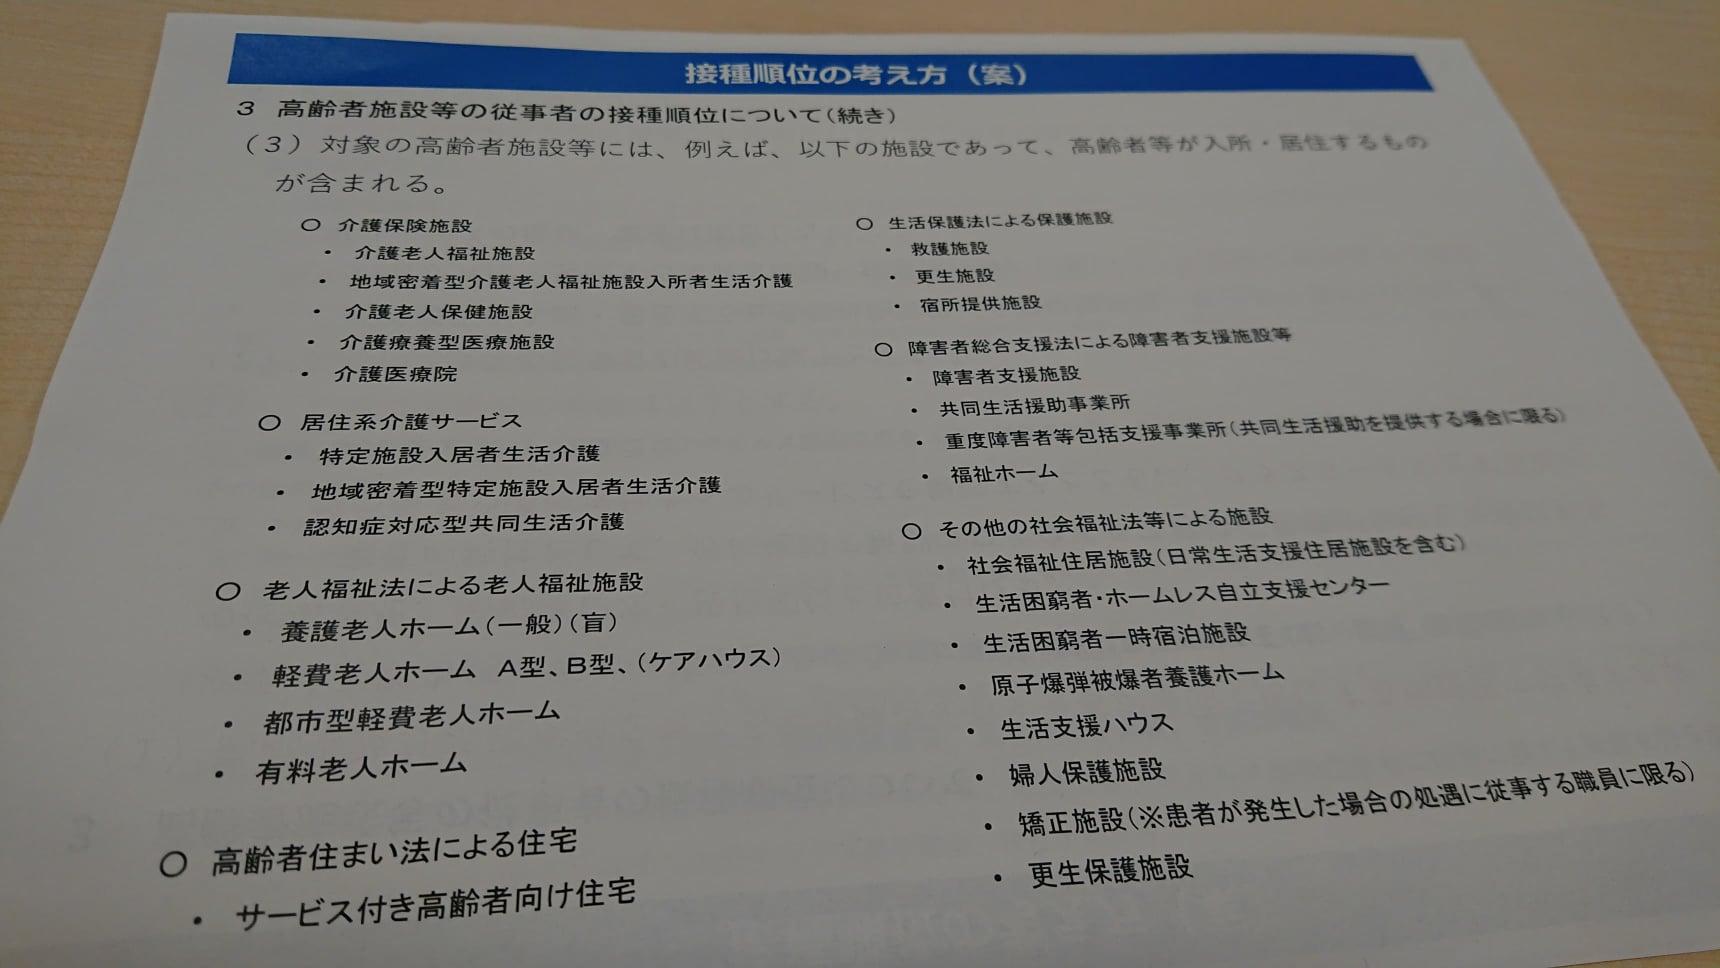 新型コロナウイルスワクチン 接種順位の考え方(案)04